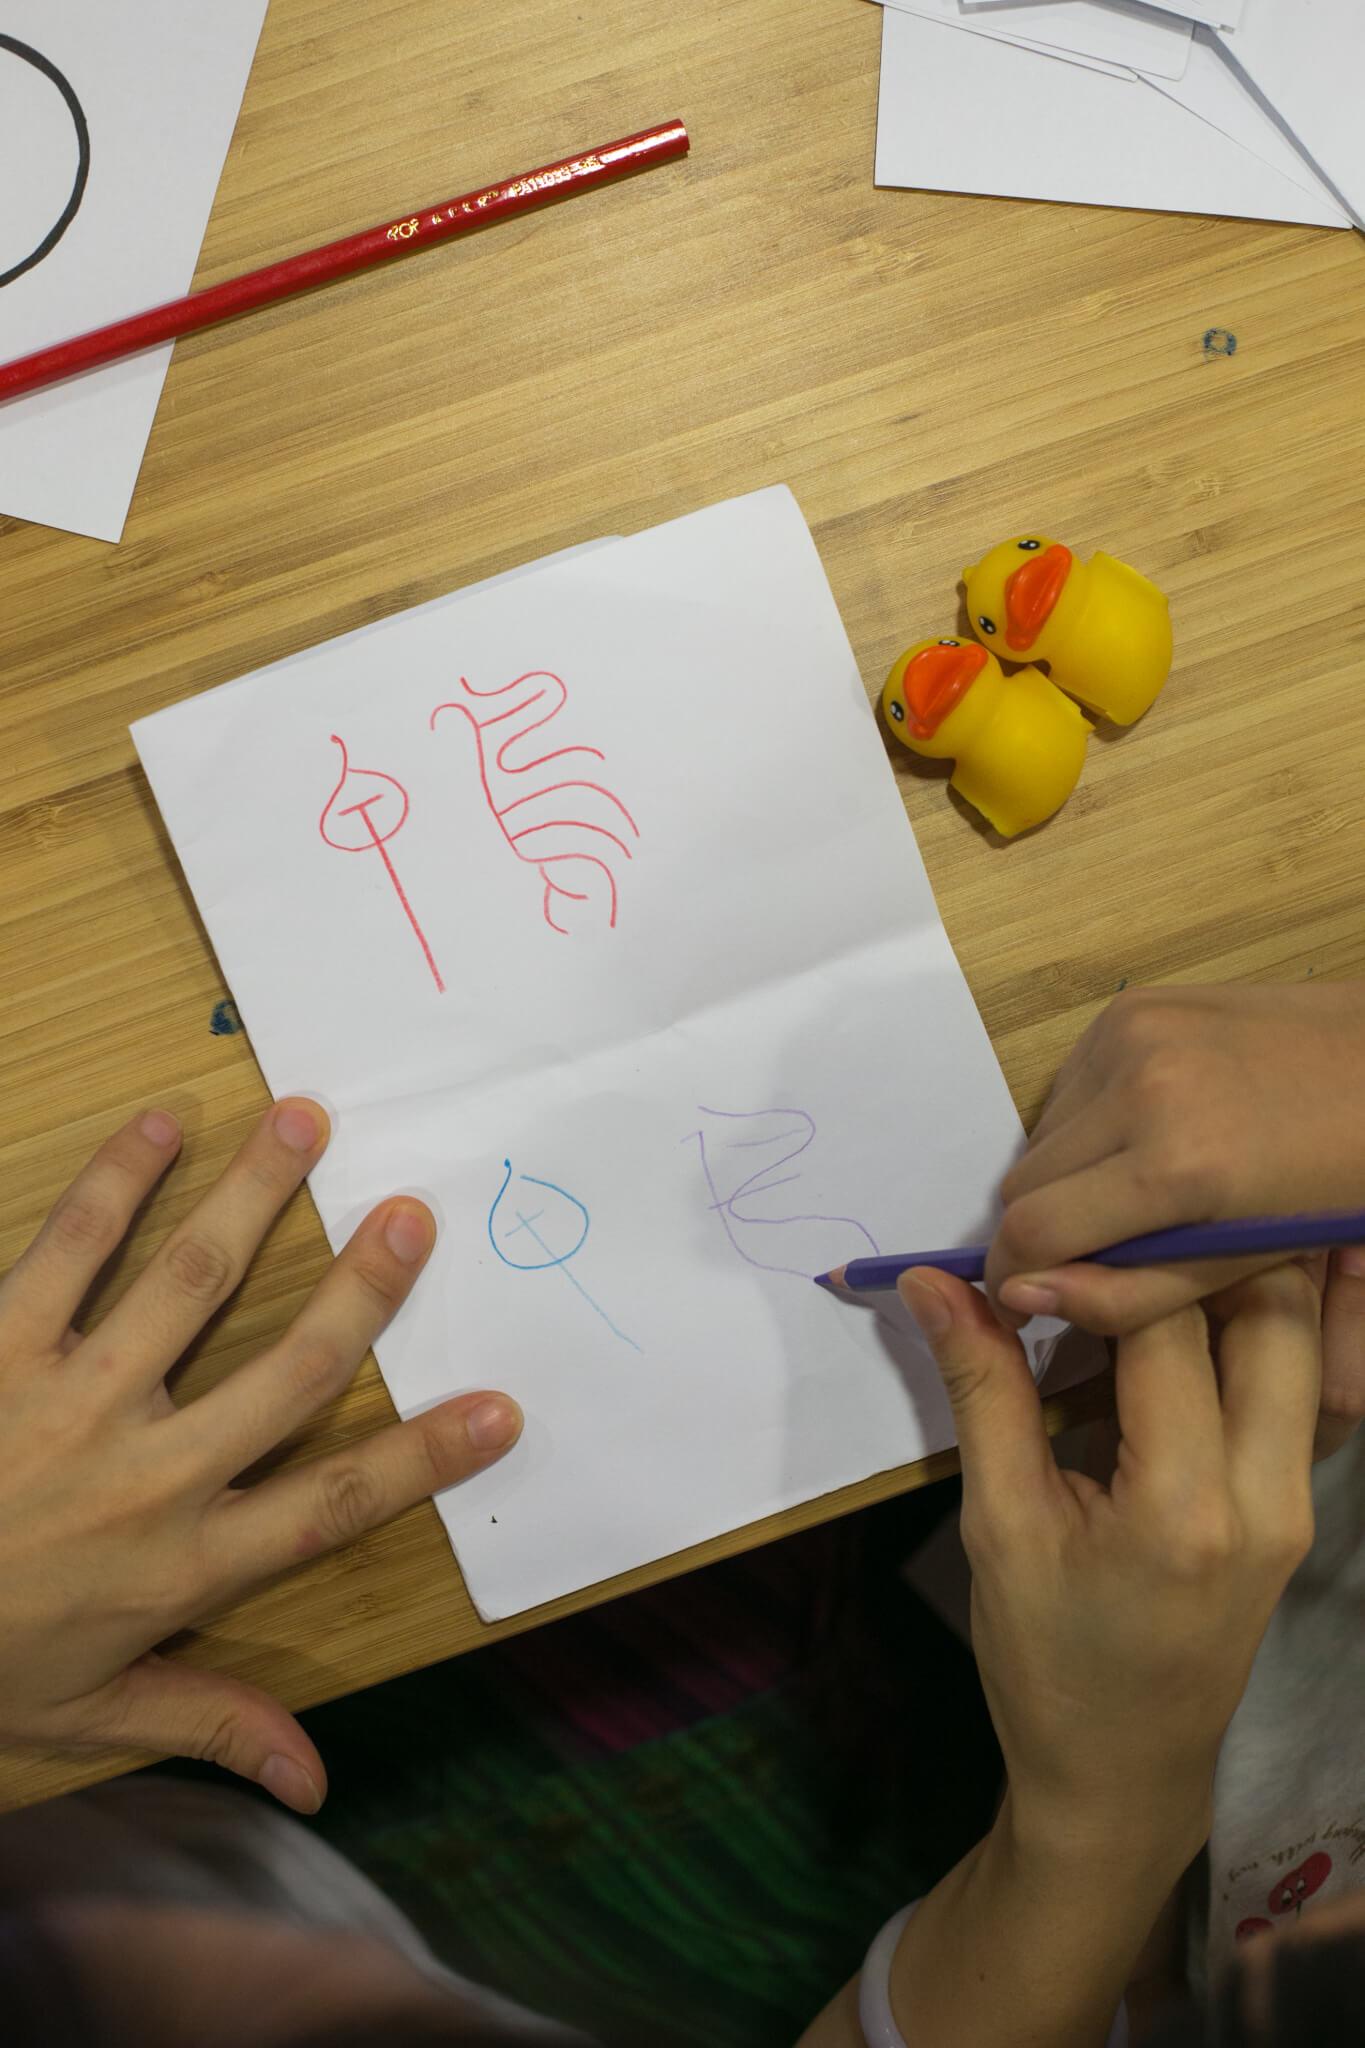 中文甲骨文的象形文字,能夠引起小朋友的想像。珮妍說,她較喜歡「鴨」的古字。